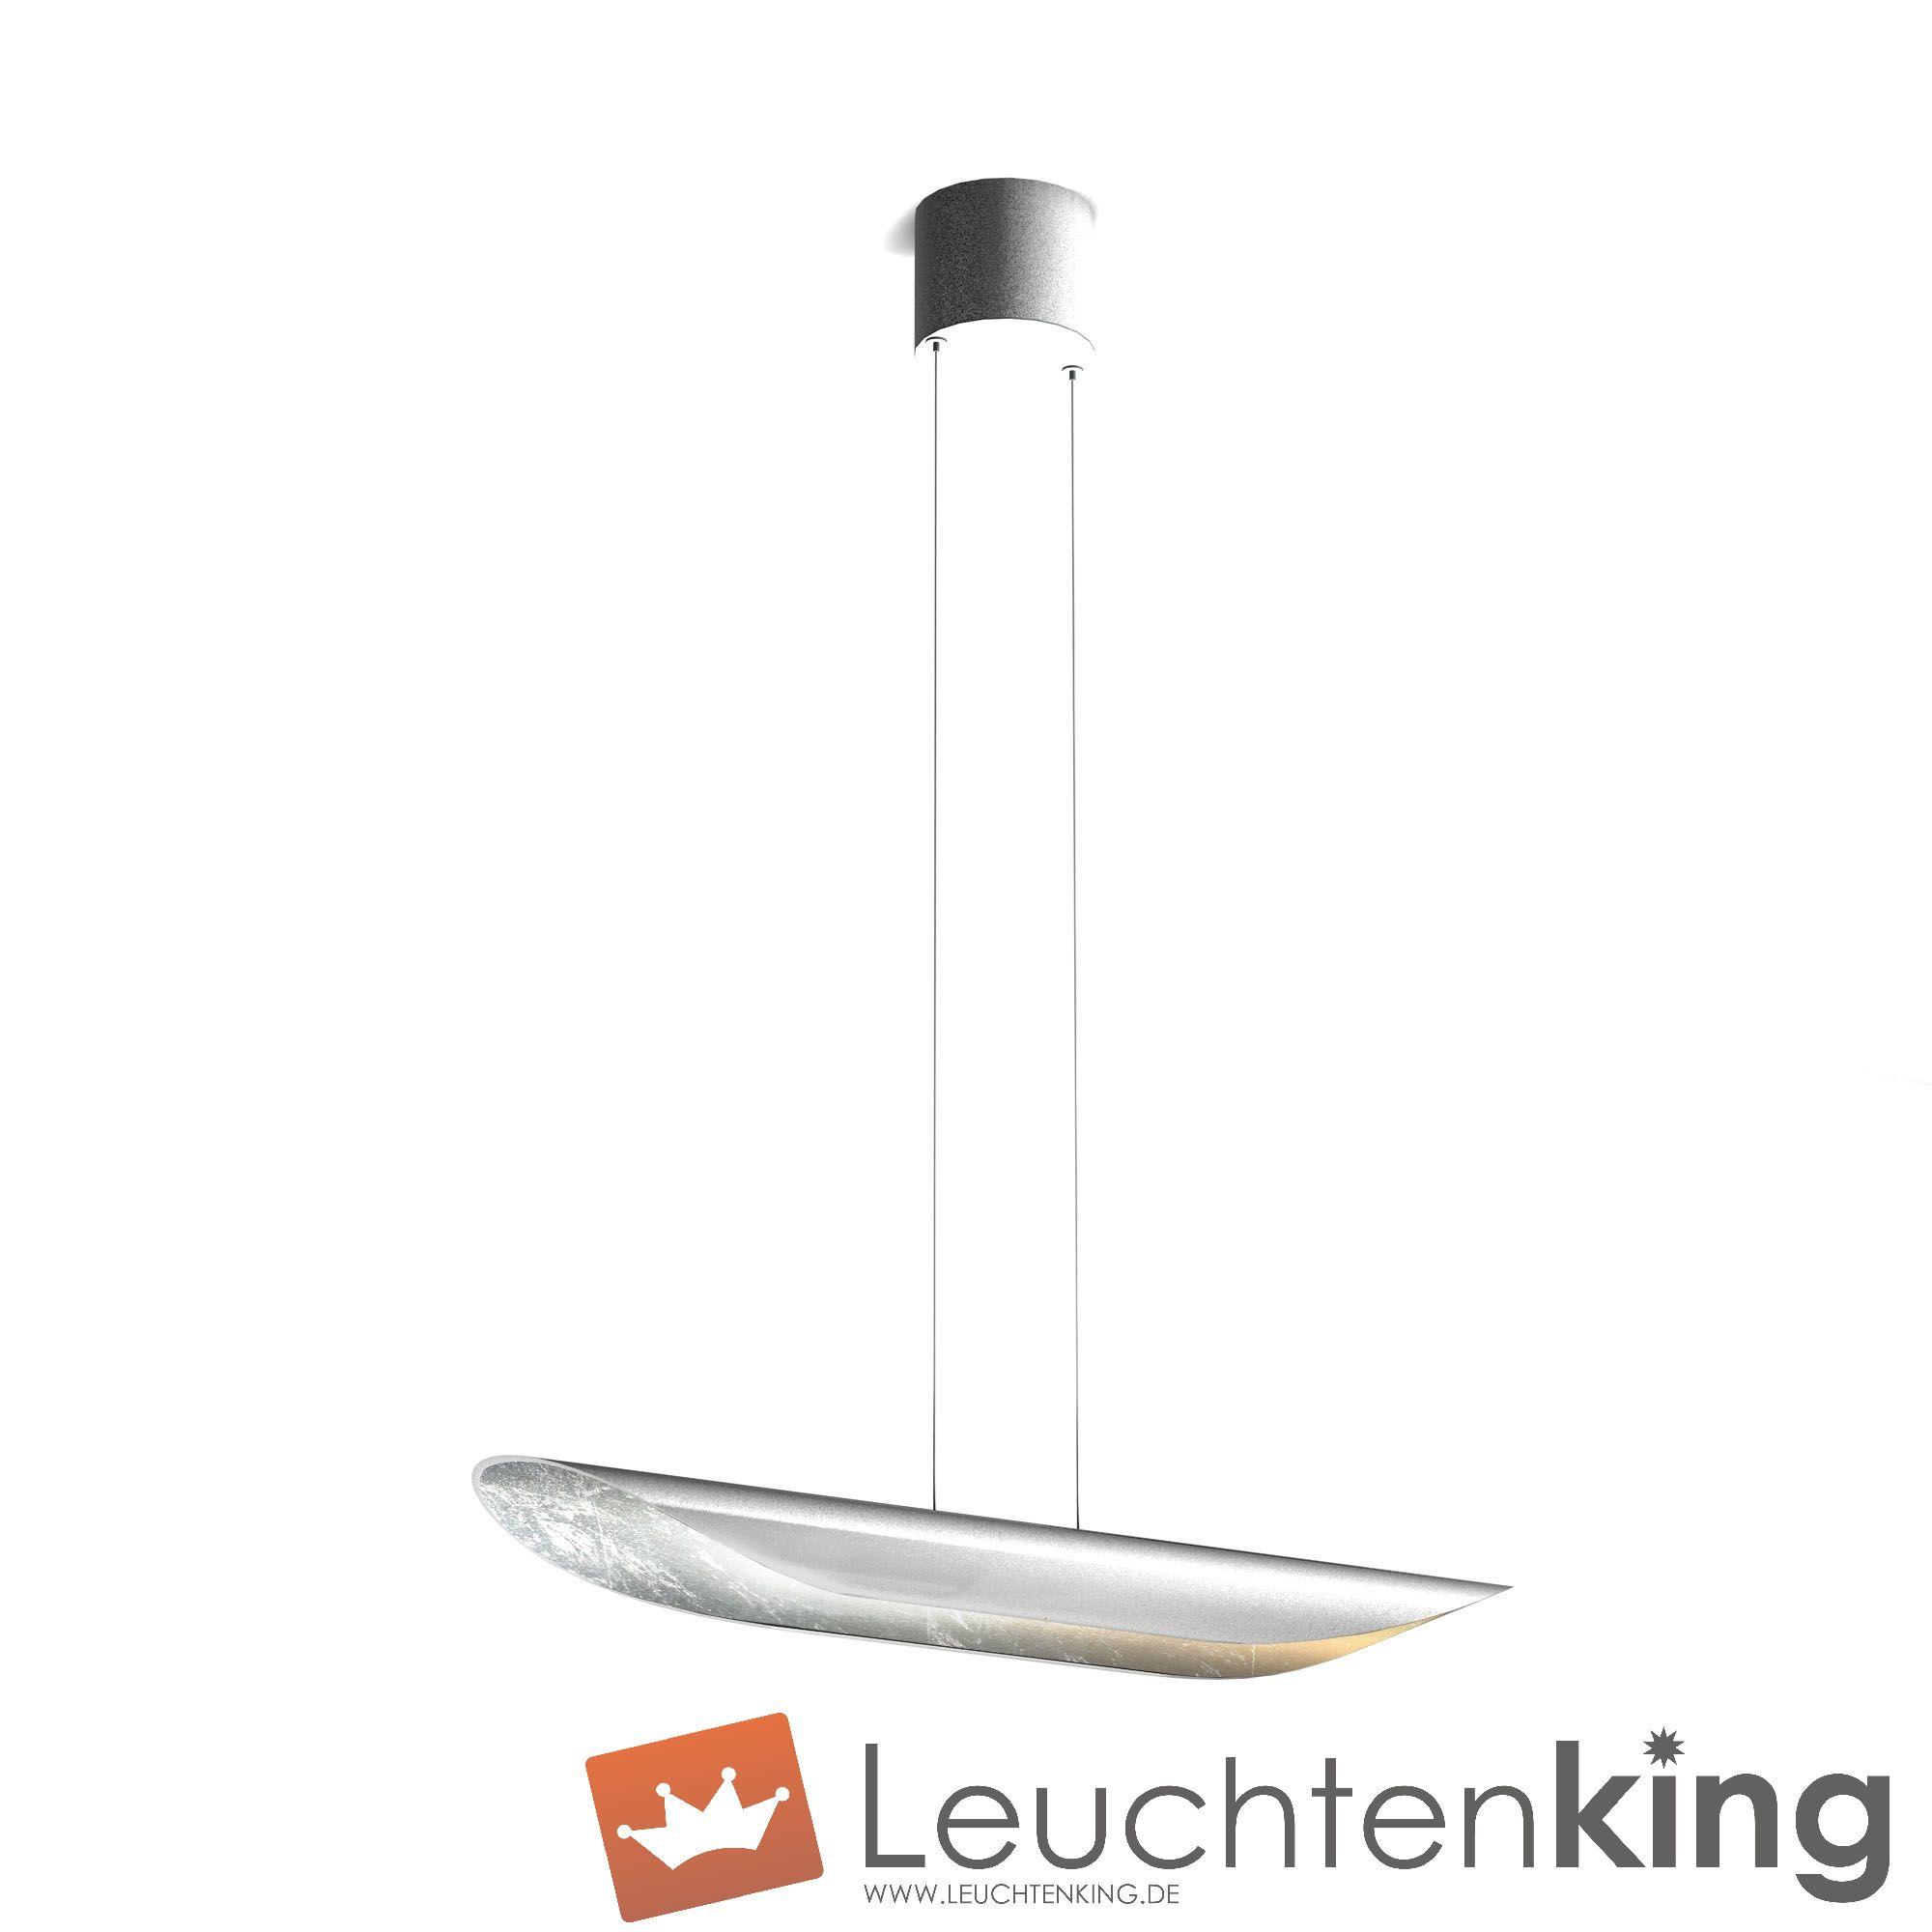 LED-Pendelleuchte Luce Elevata Open Mind LED von BANKAMP Leuchtenmanufaktur